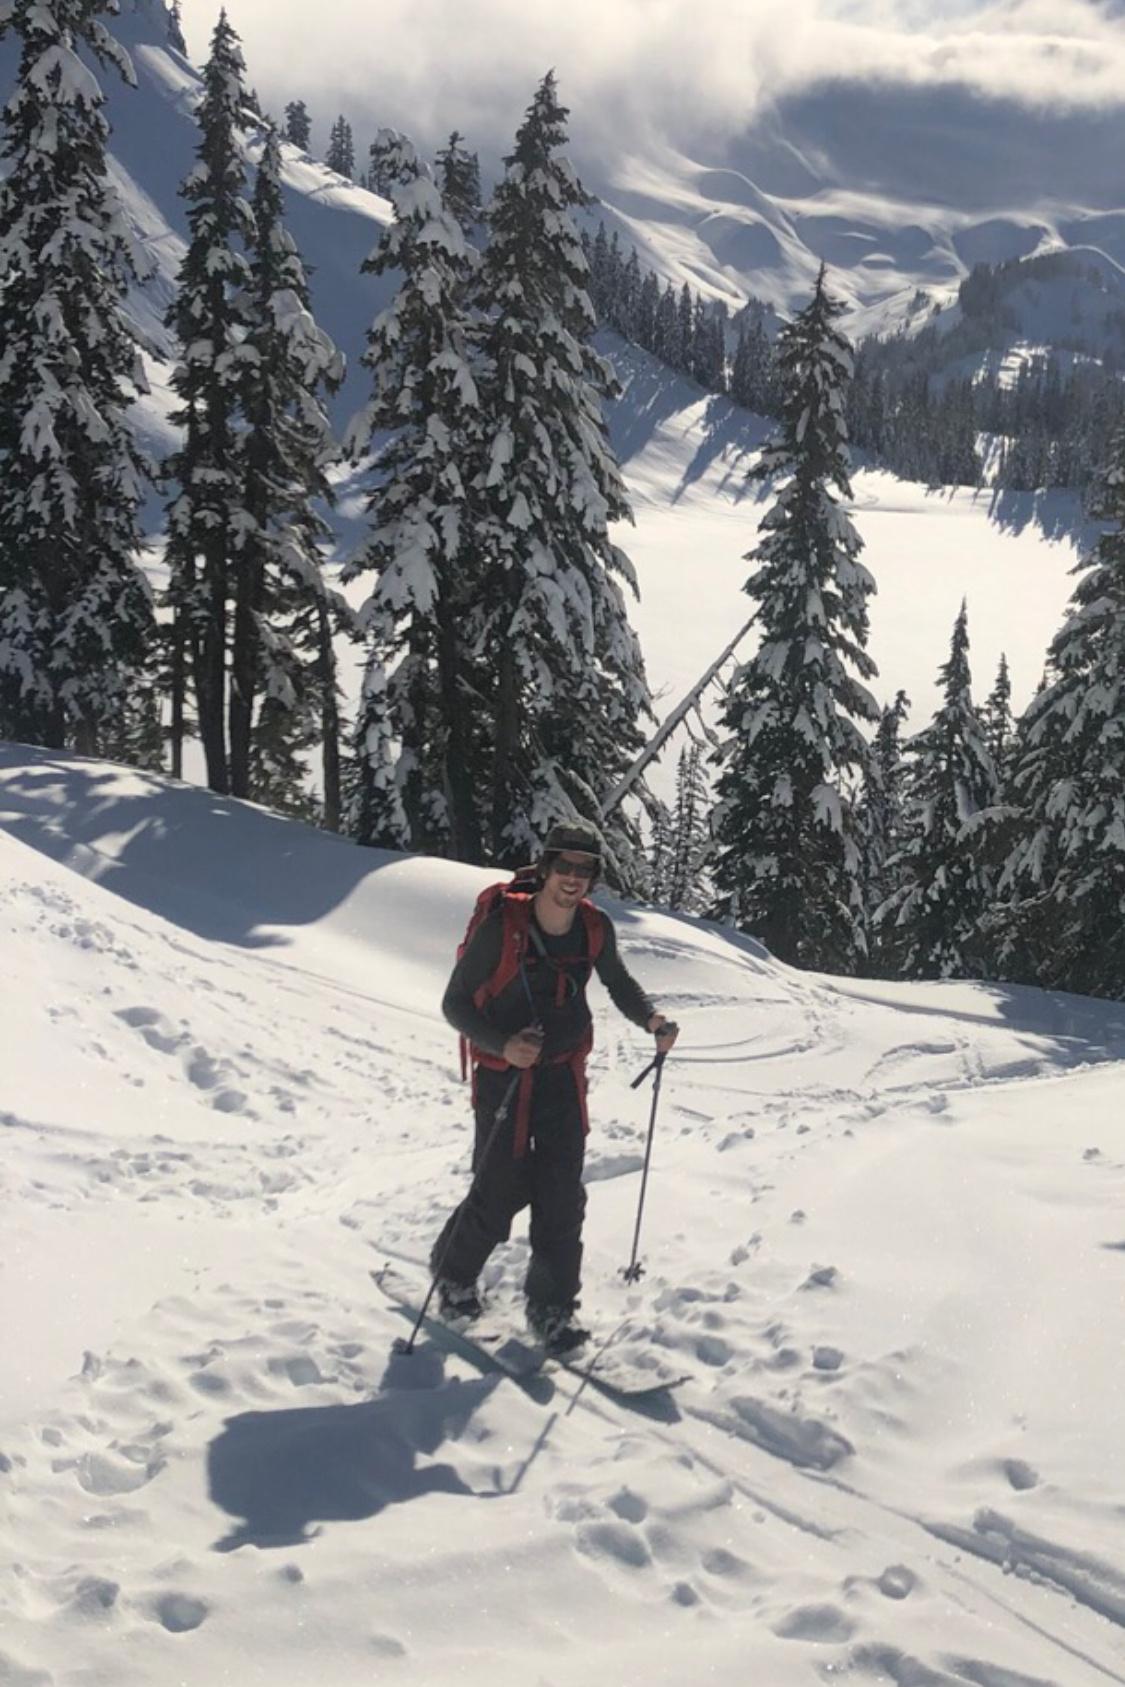 Mt. Baker, WA, snowboarding, self portrait